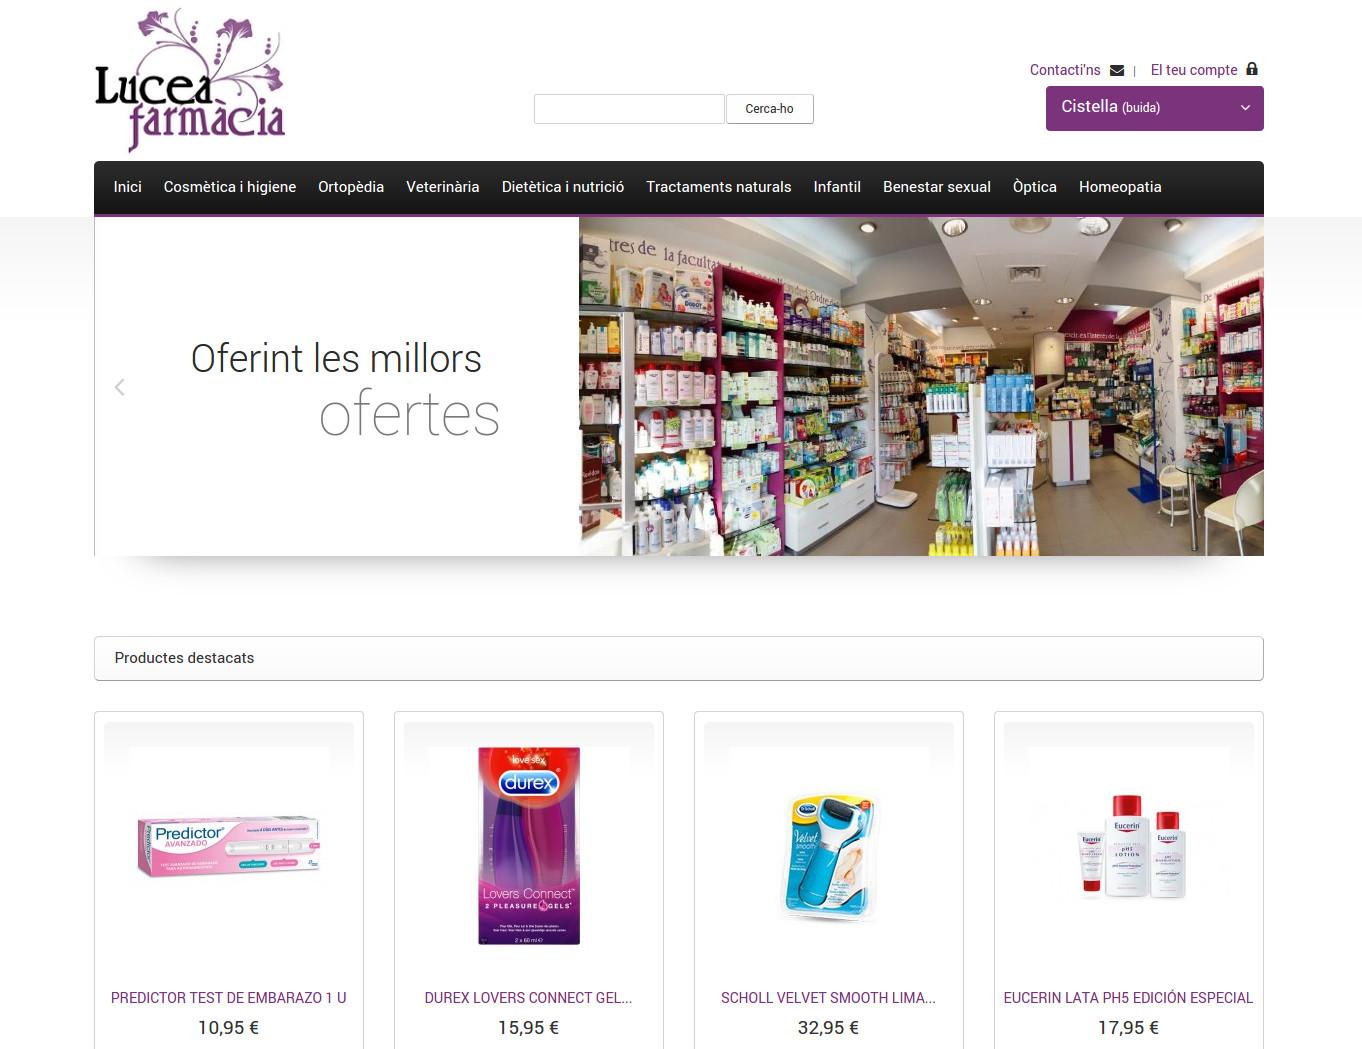 Botigues.cat: Farmàcia Lucea